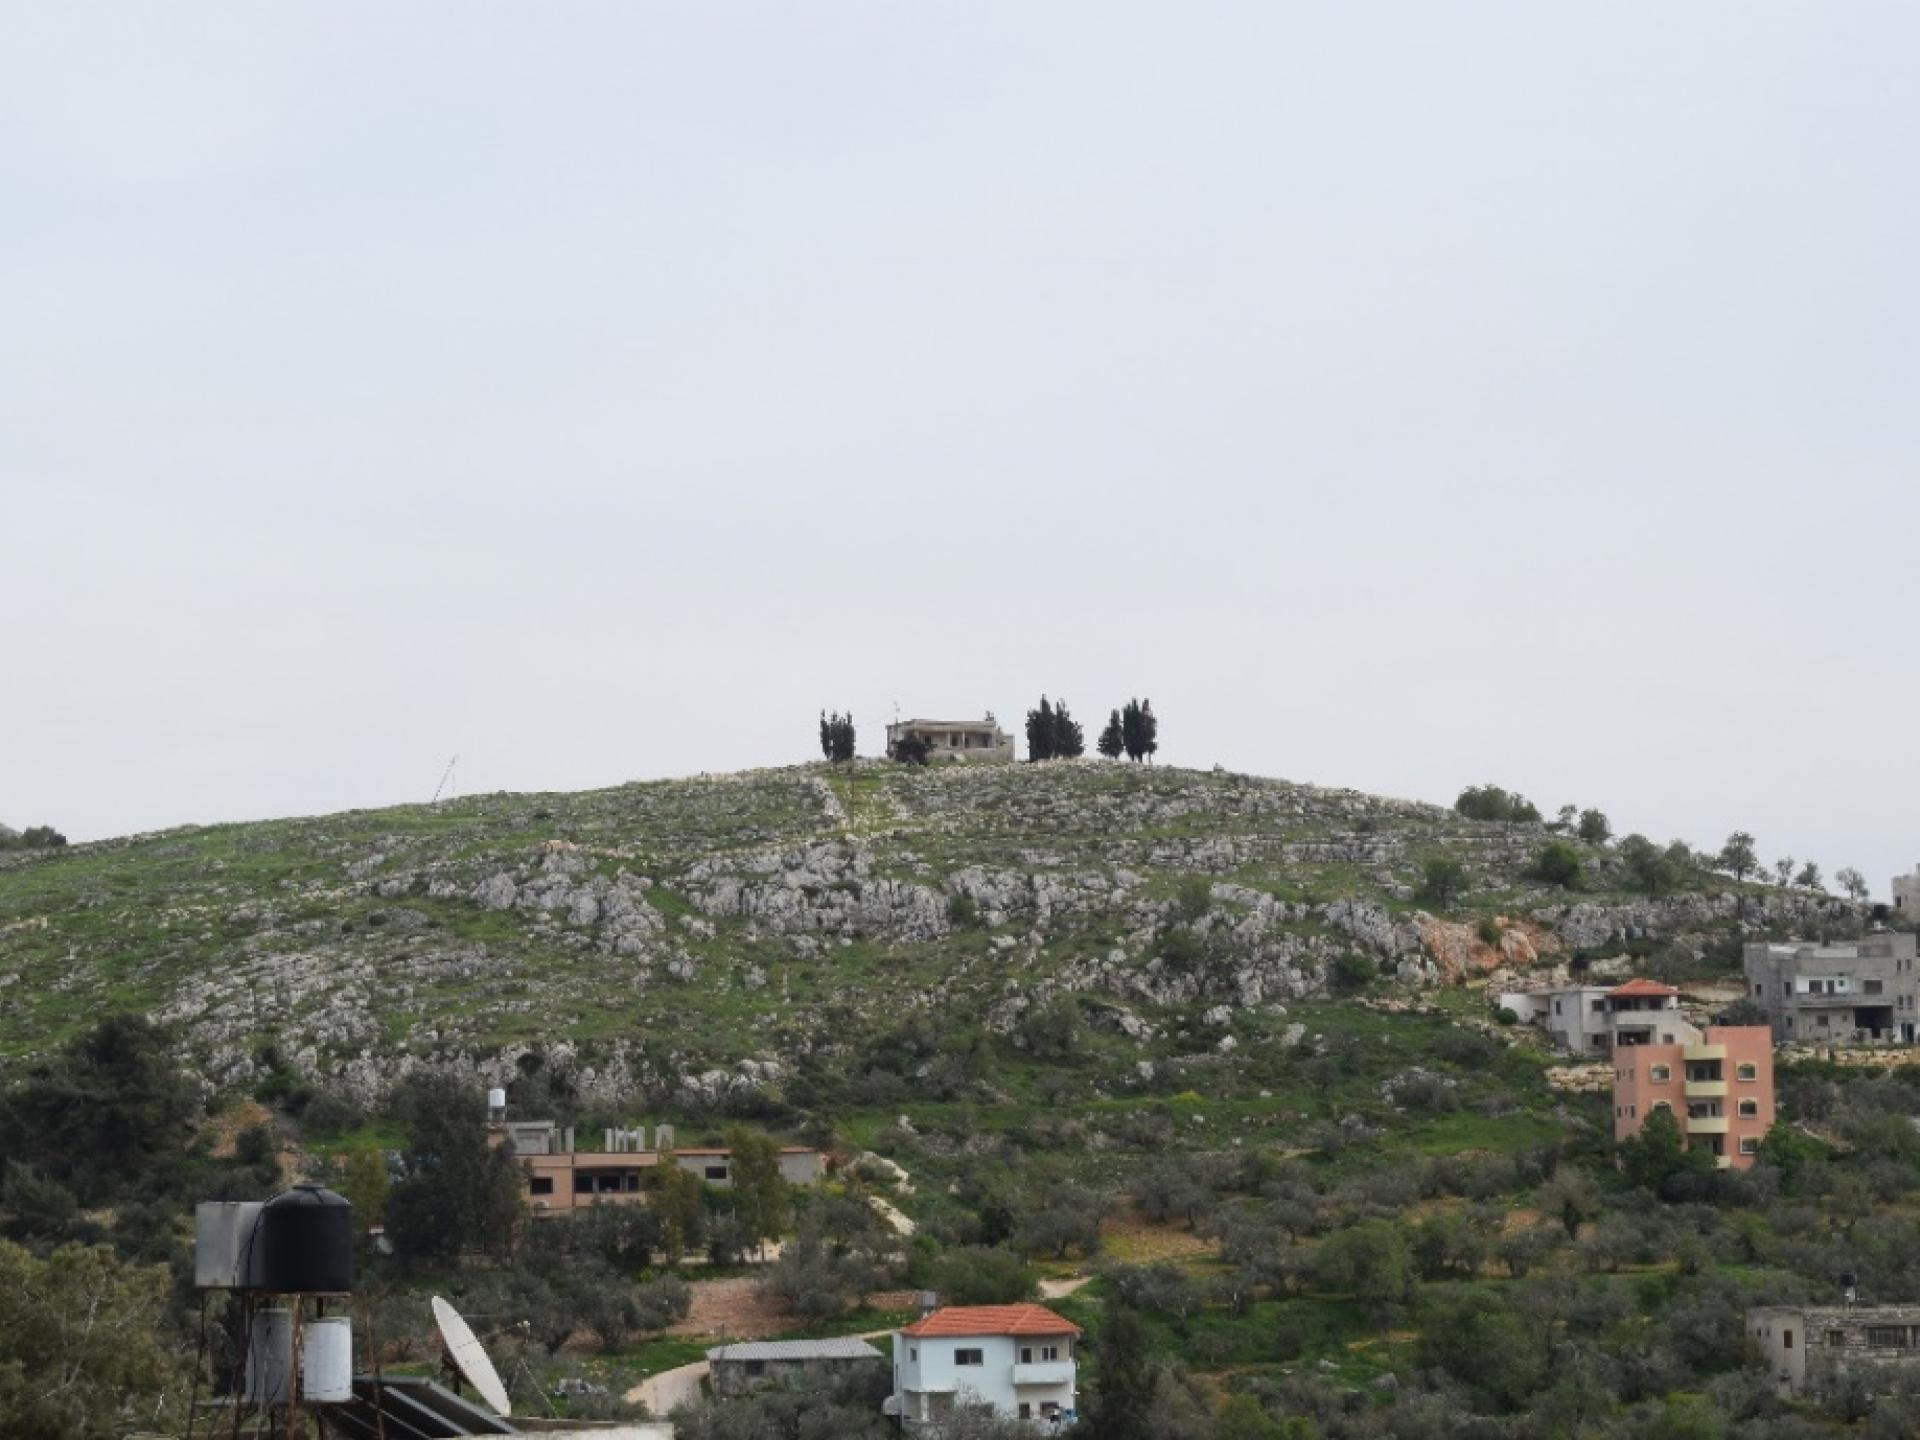 הבית המבודד העזוב בקרבת מאחז גבעת רונן סמוך להתנחלות ברכה